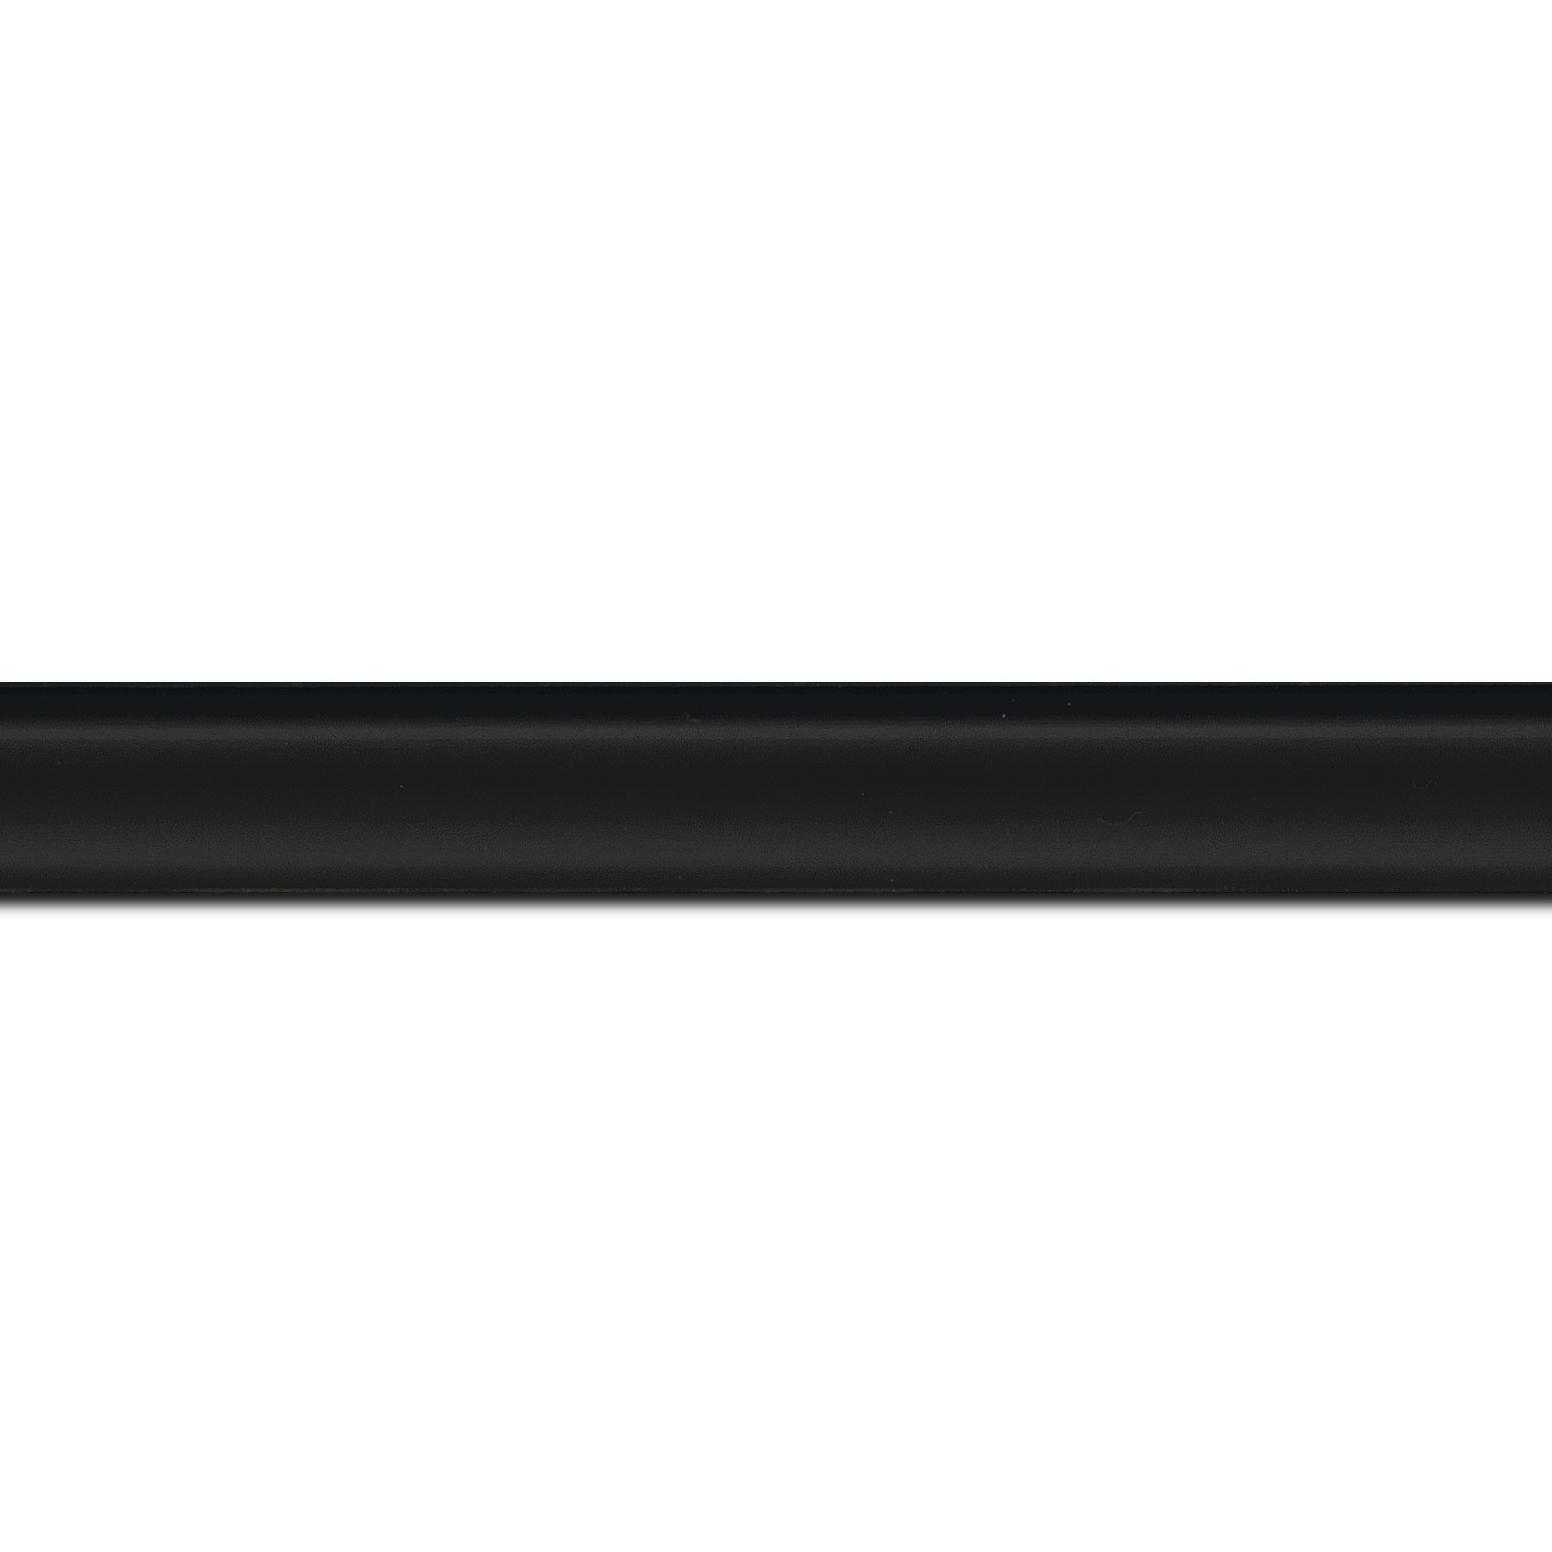 Pack par 12m, bois profil incuvé largeur 2.1cm couleur noir mat (longueur baguette pouvant varier entre 2.40m et 3m selon arrivage des bois)